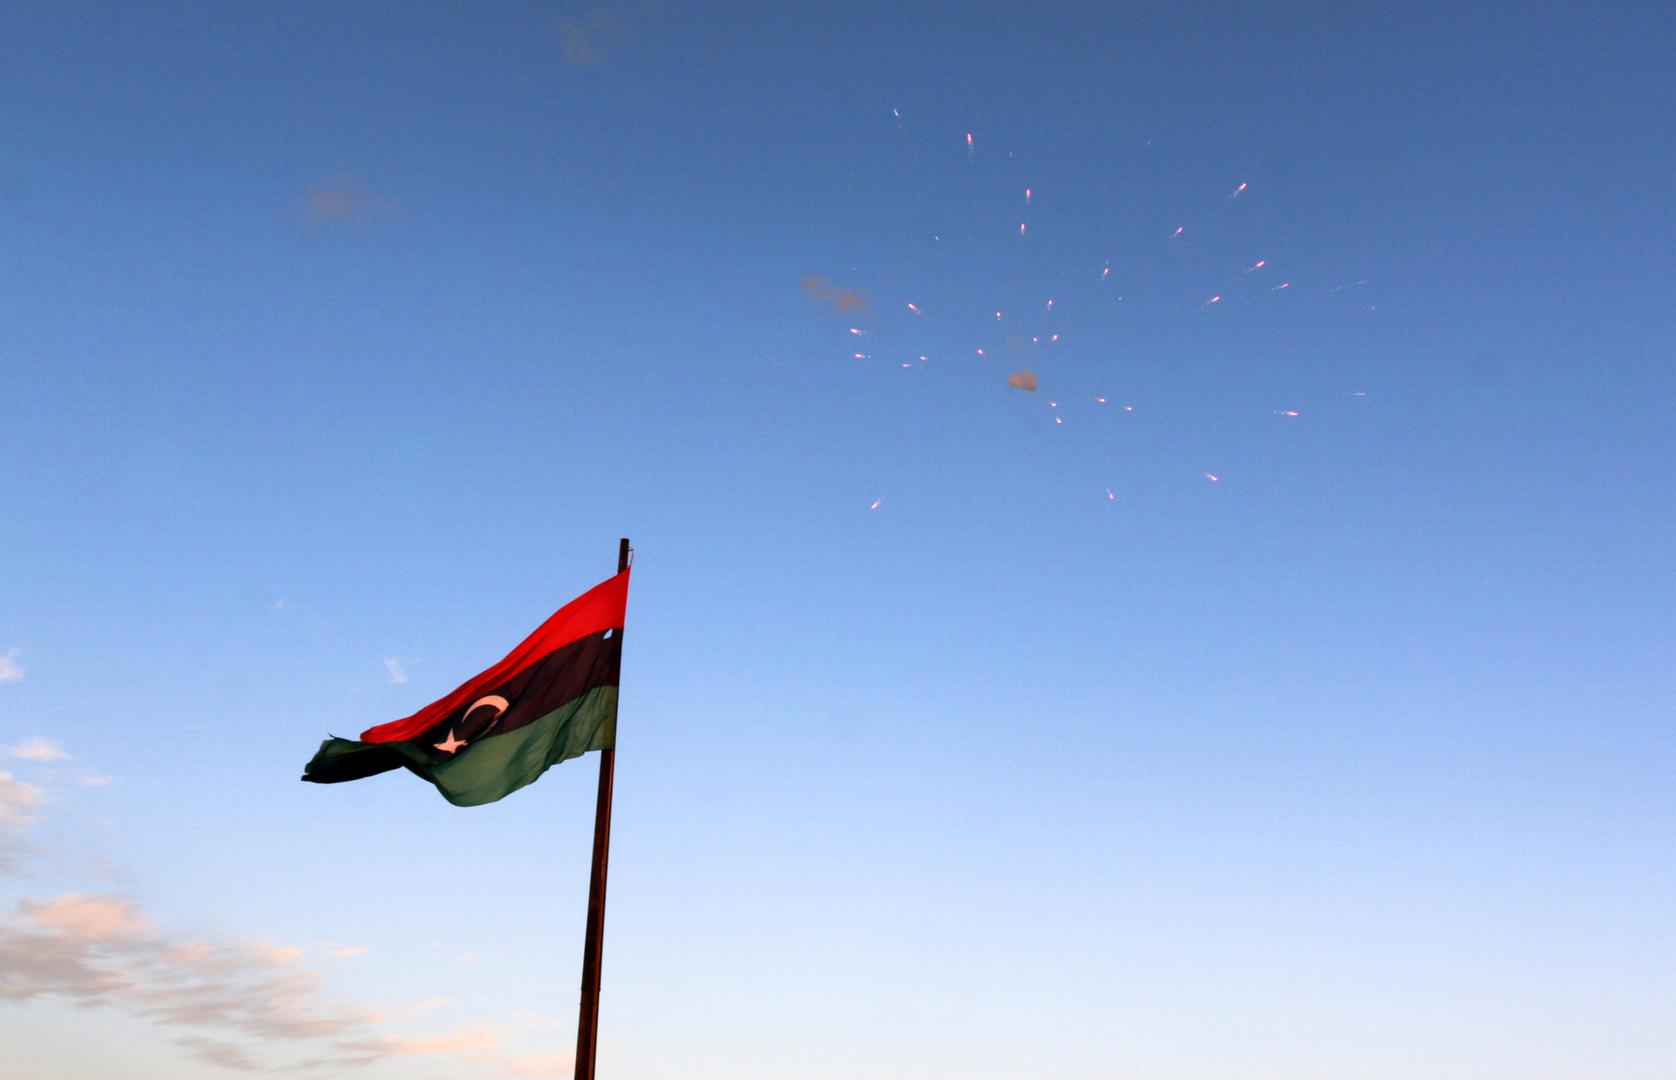 قبائل ورفلة: لا نريد أن يؤدي ضياع ليبيا لضياع الجيش المصري